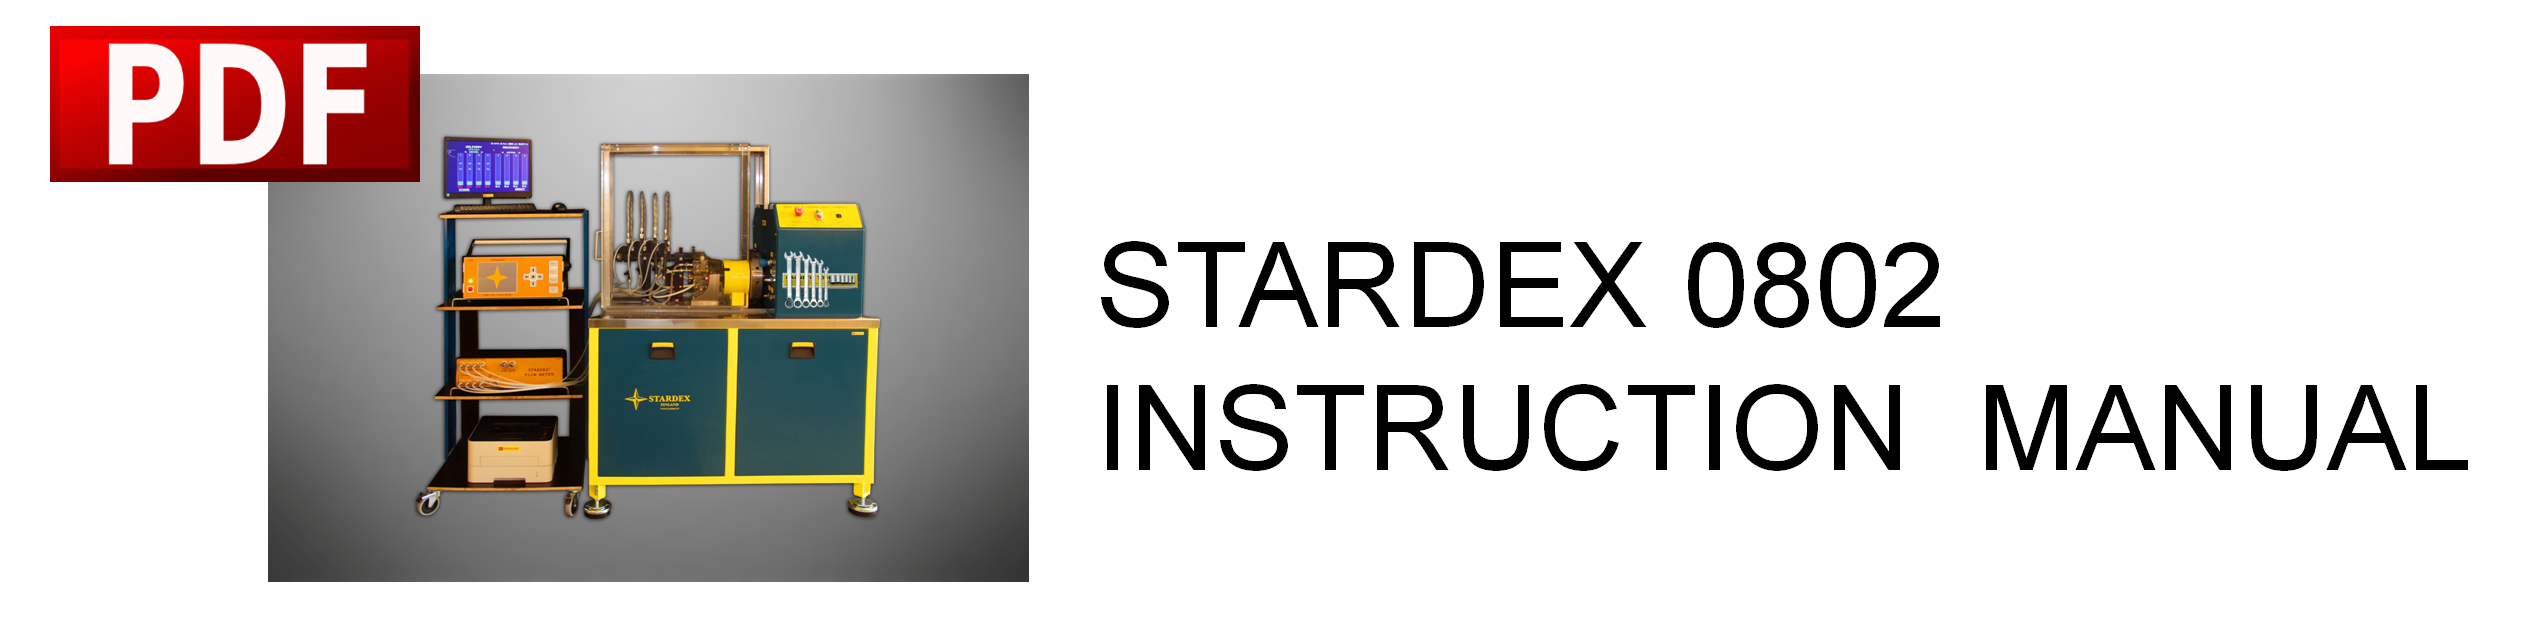 STARDEX 0802 TEST BENCH